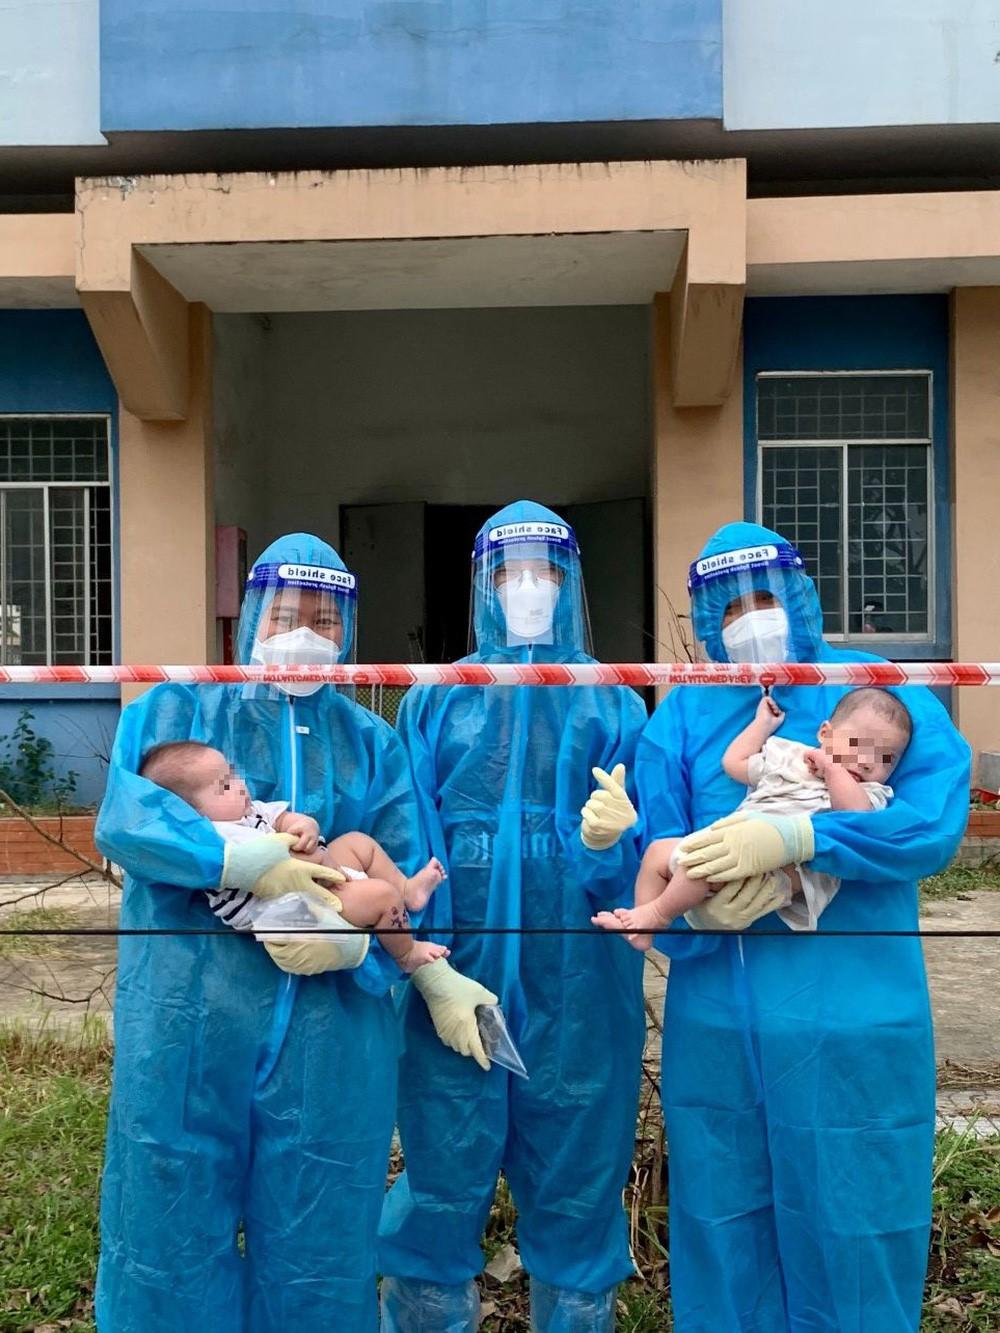 Hai em bé sơ sinh F0 bị bỏ rơi được các y bác sĩ, tình nguyện viên che chở, chăm sóc tận tình